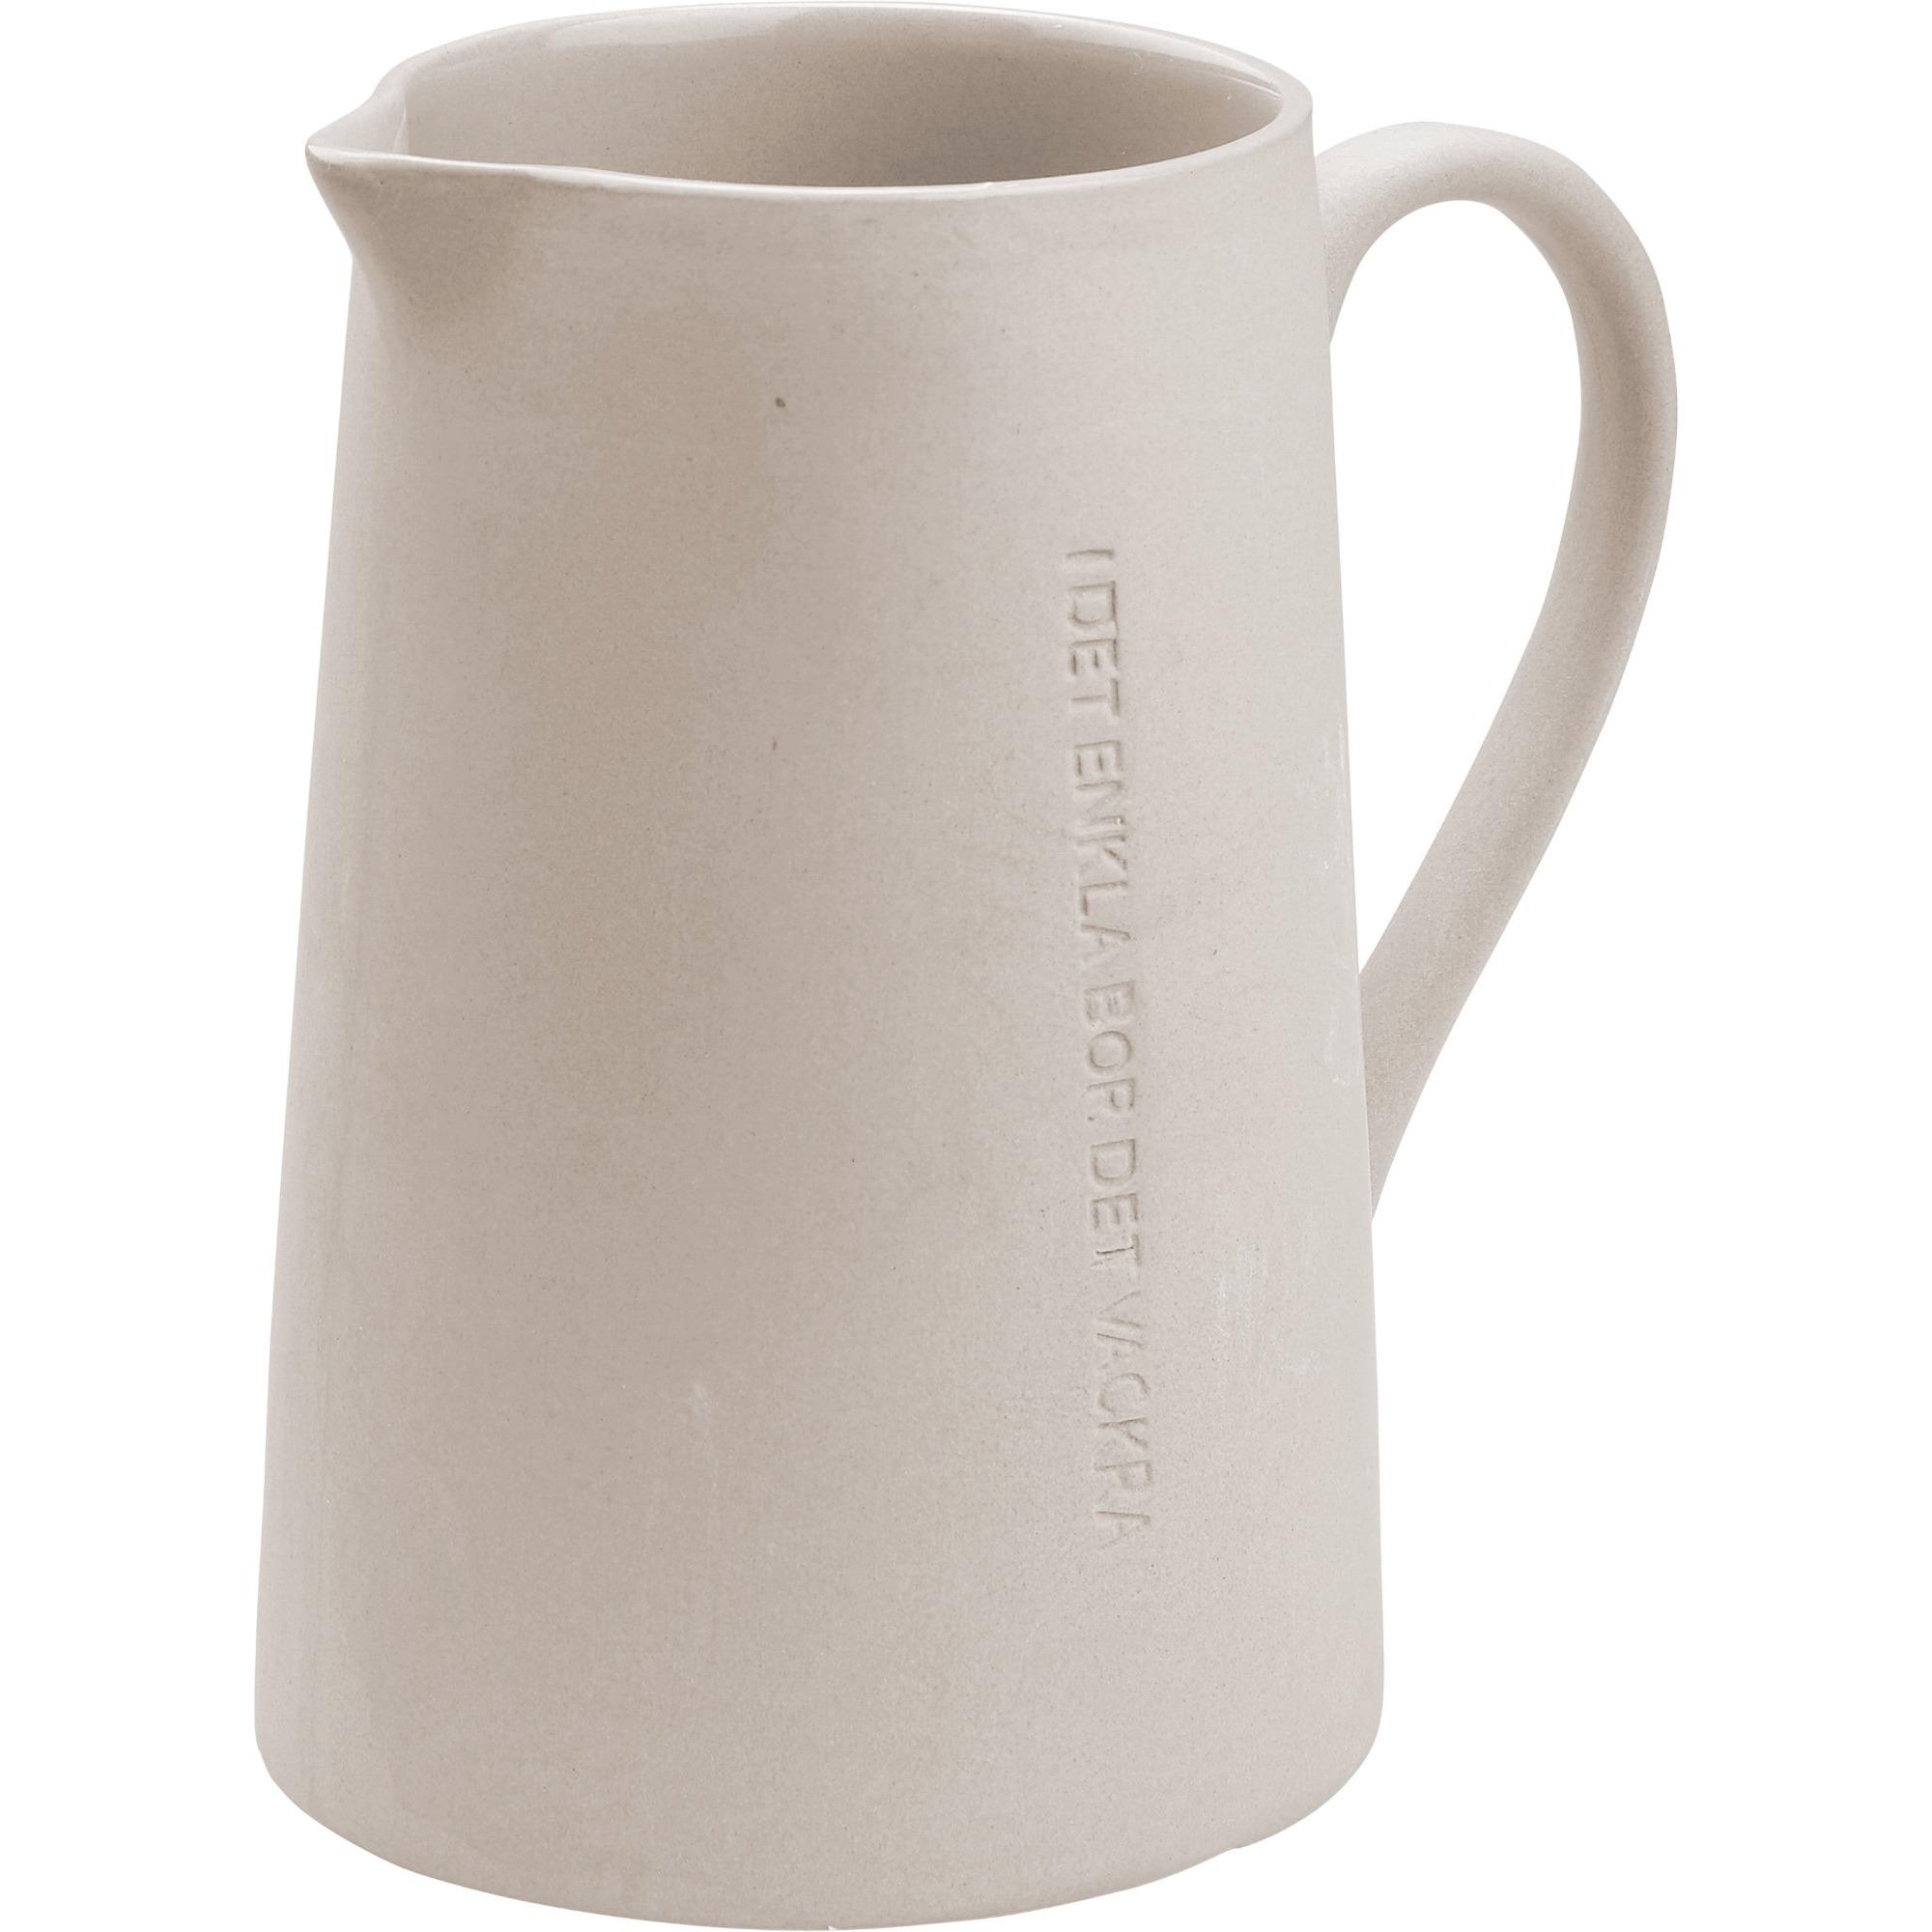 Ernst Mjölkkanna I det enkla Natur